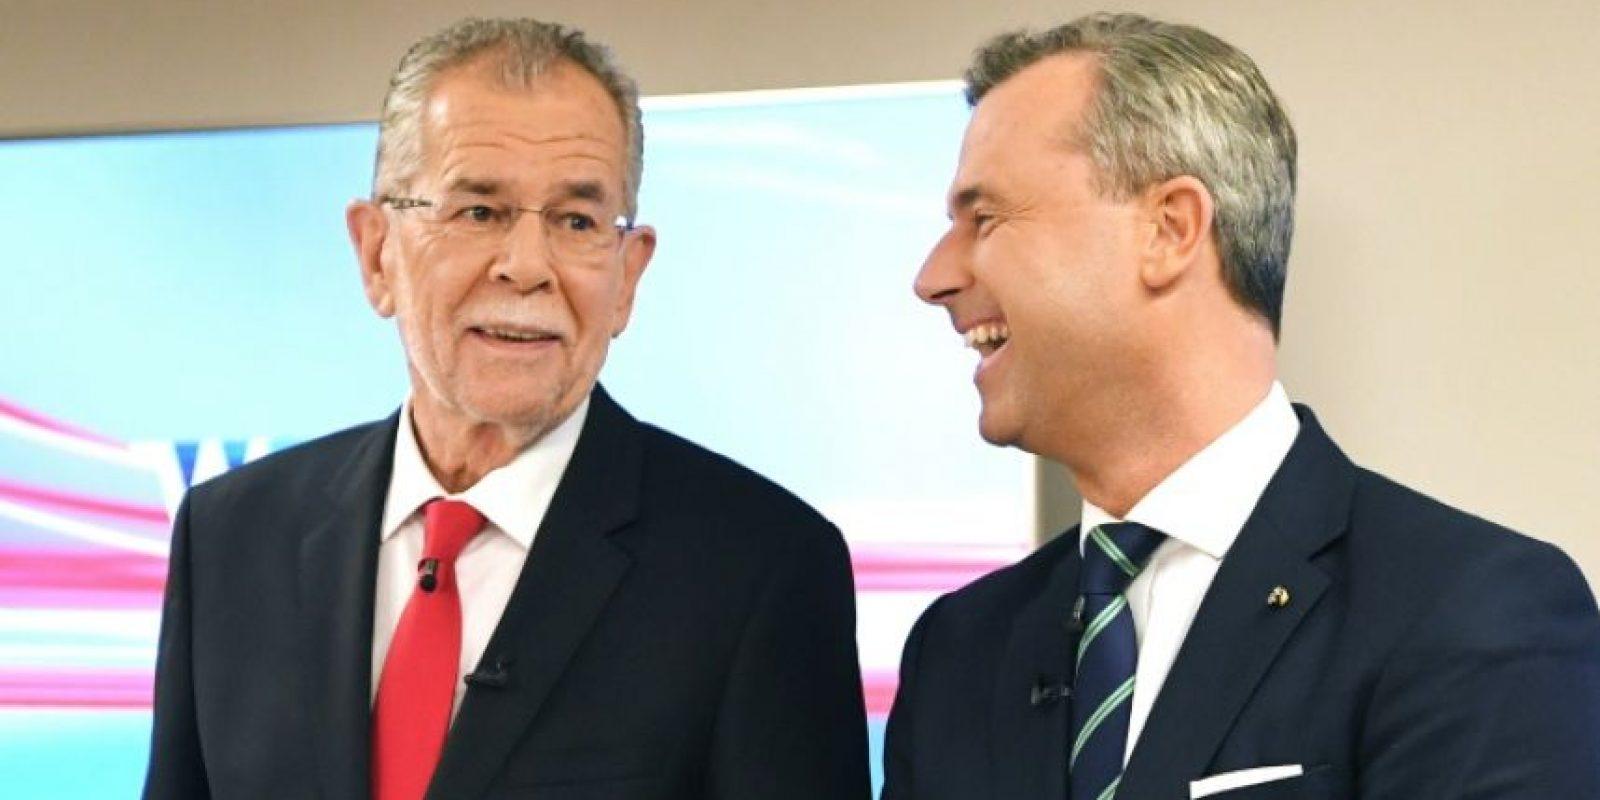 Los candidatos a la presidencia de Austria, Alexander van der Bellen (izq), de los Verdes, y Norbert Hofer, de la ultraderecha, en Viena el 1 de diciembre de 2016 Foto:Roland Schlager/afp.com